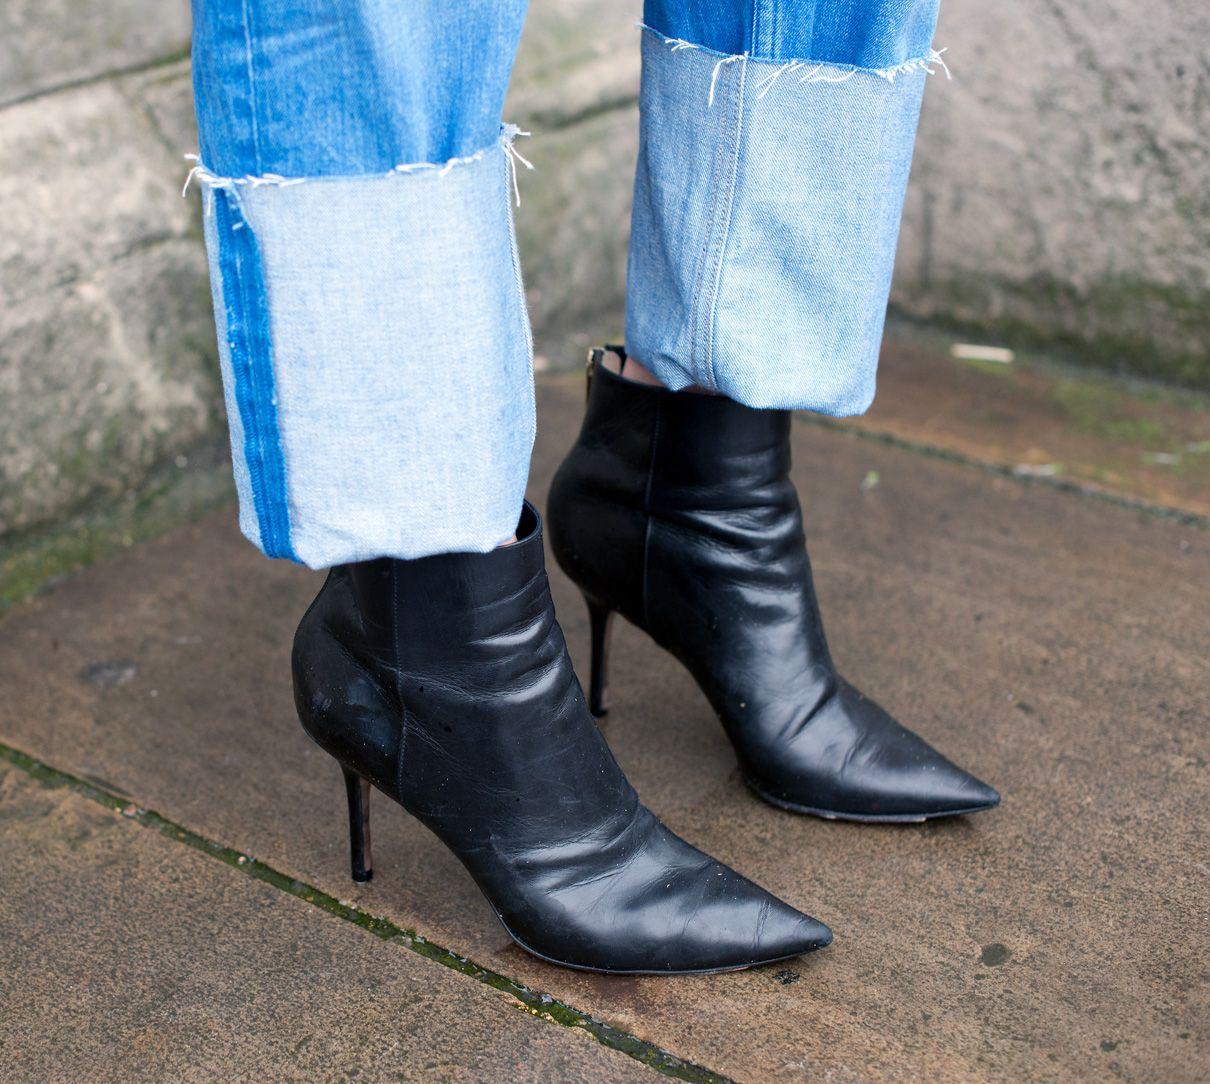 Straight leg jeans deserve an oversize cuff.